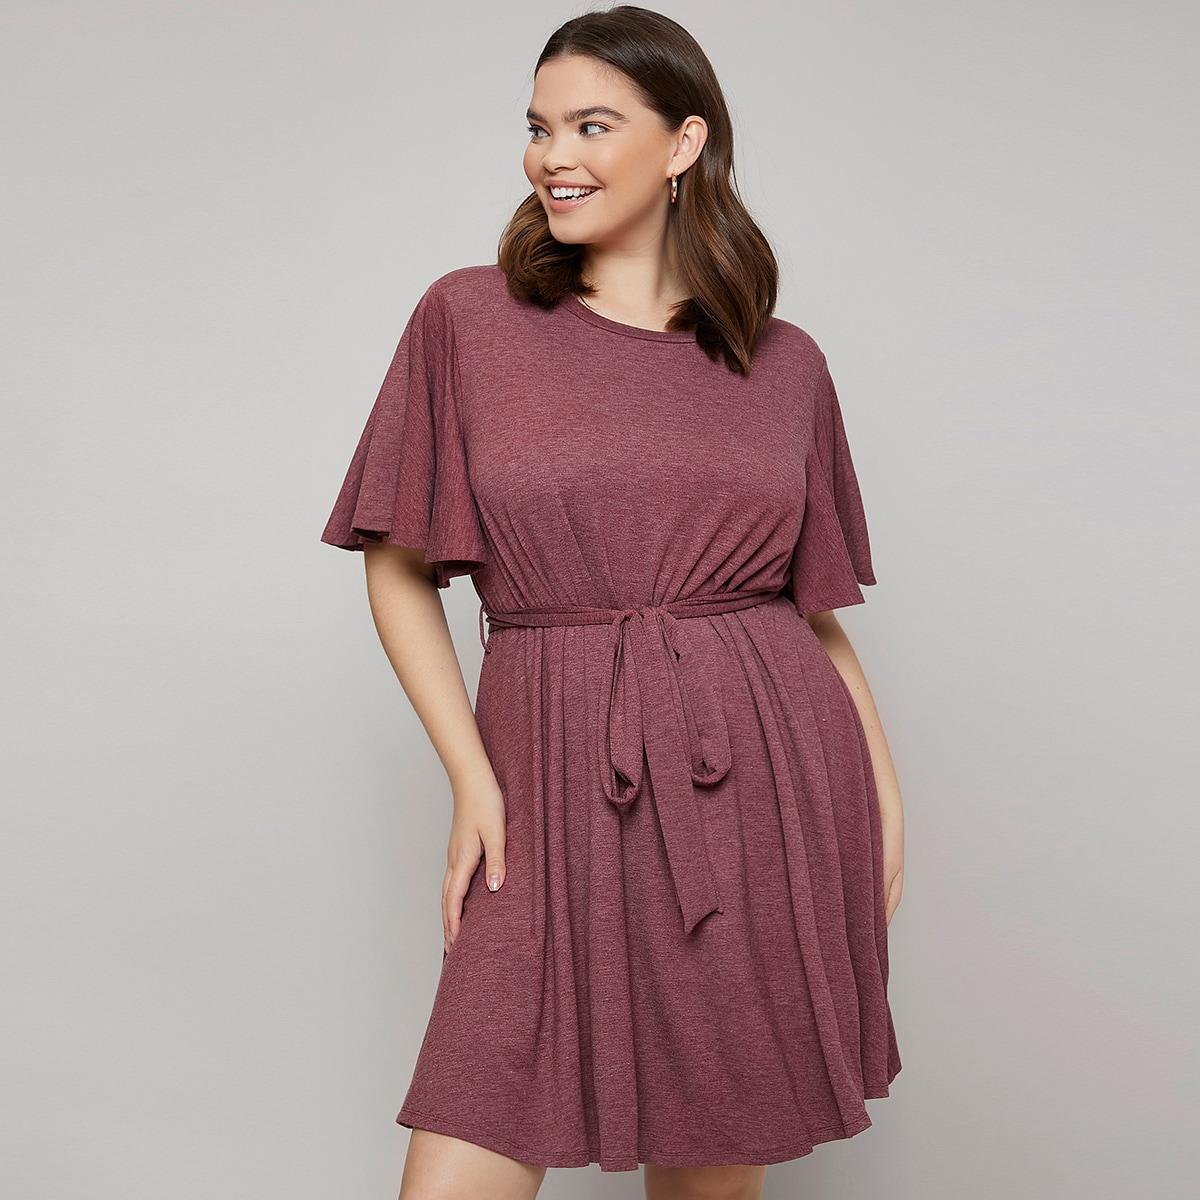 Оригинальное платье размера плюс с поясом по цене 1 330